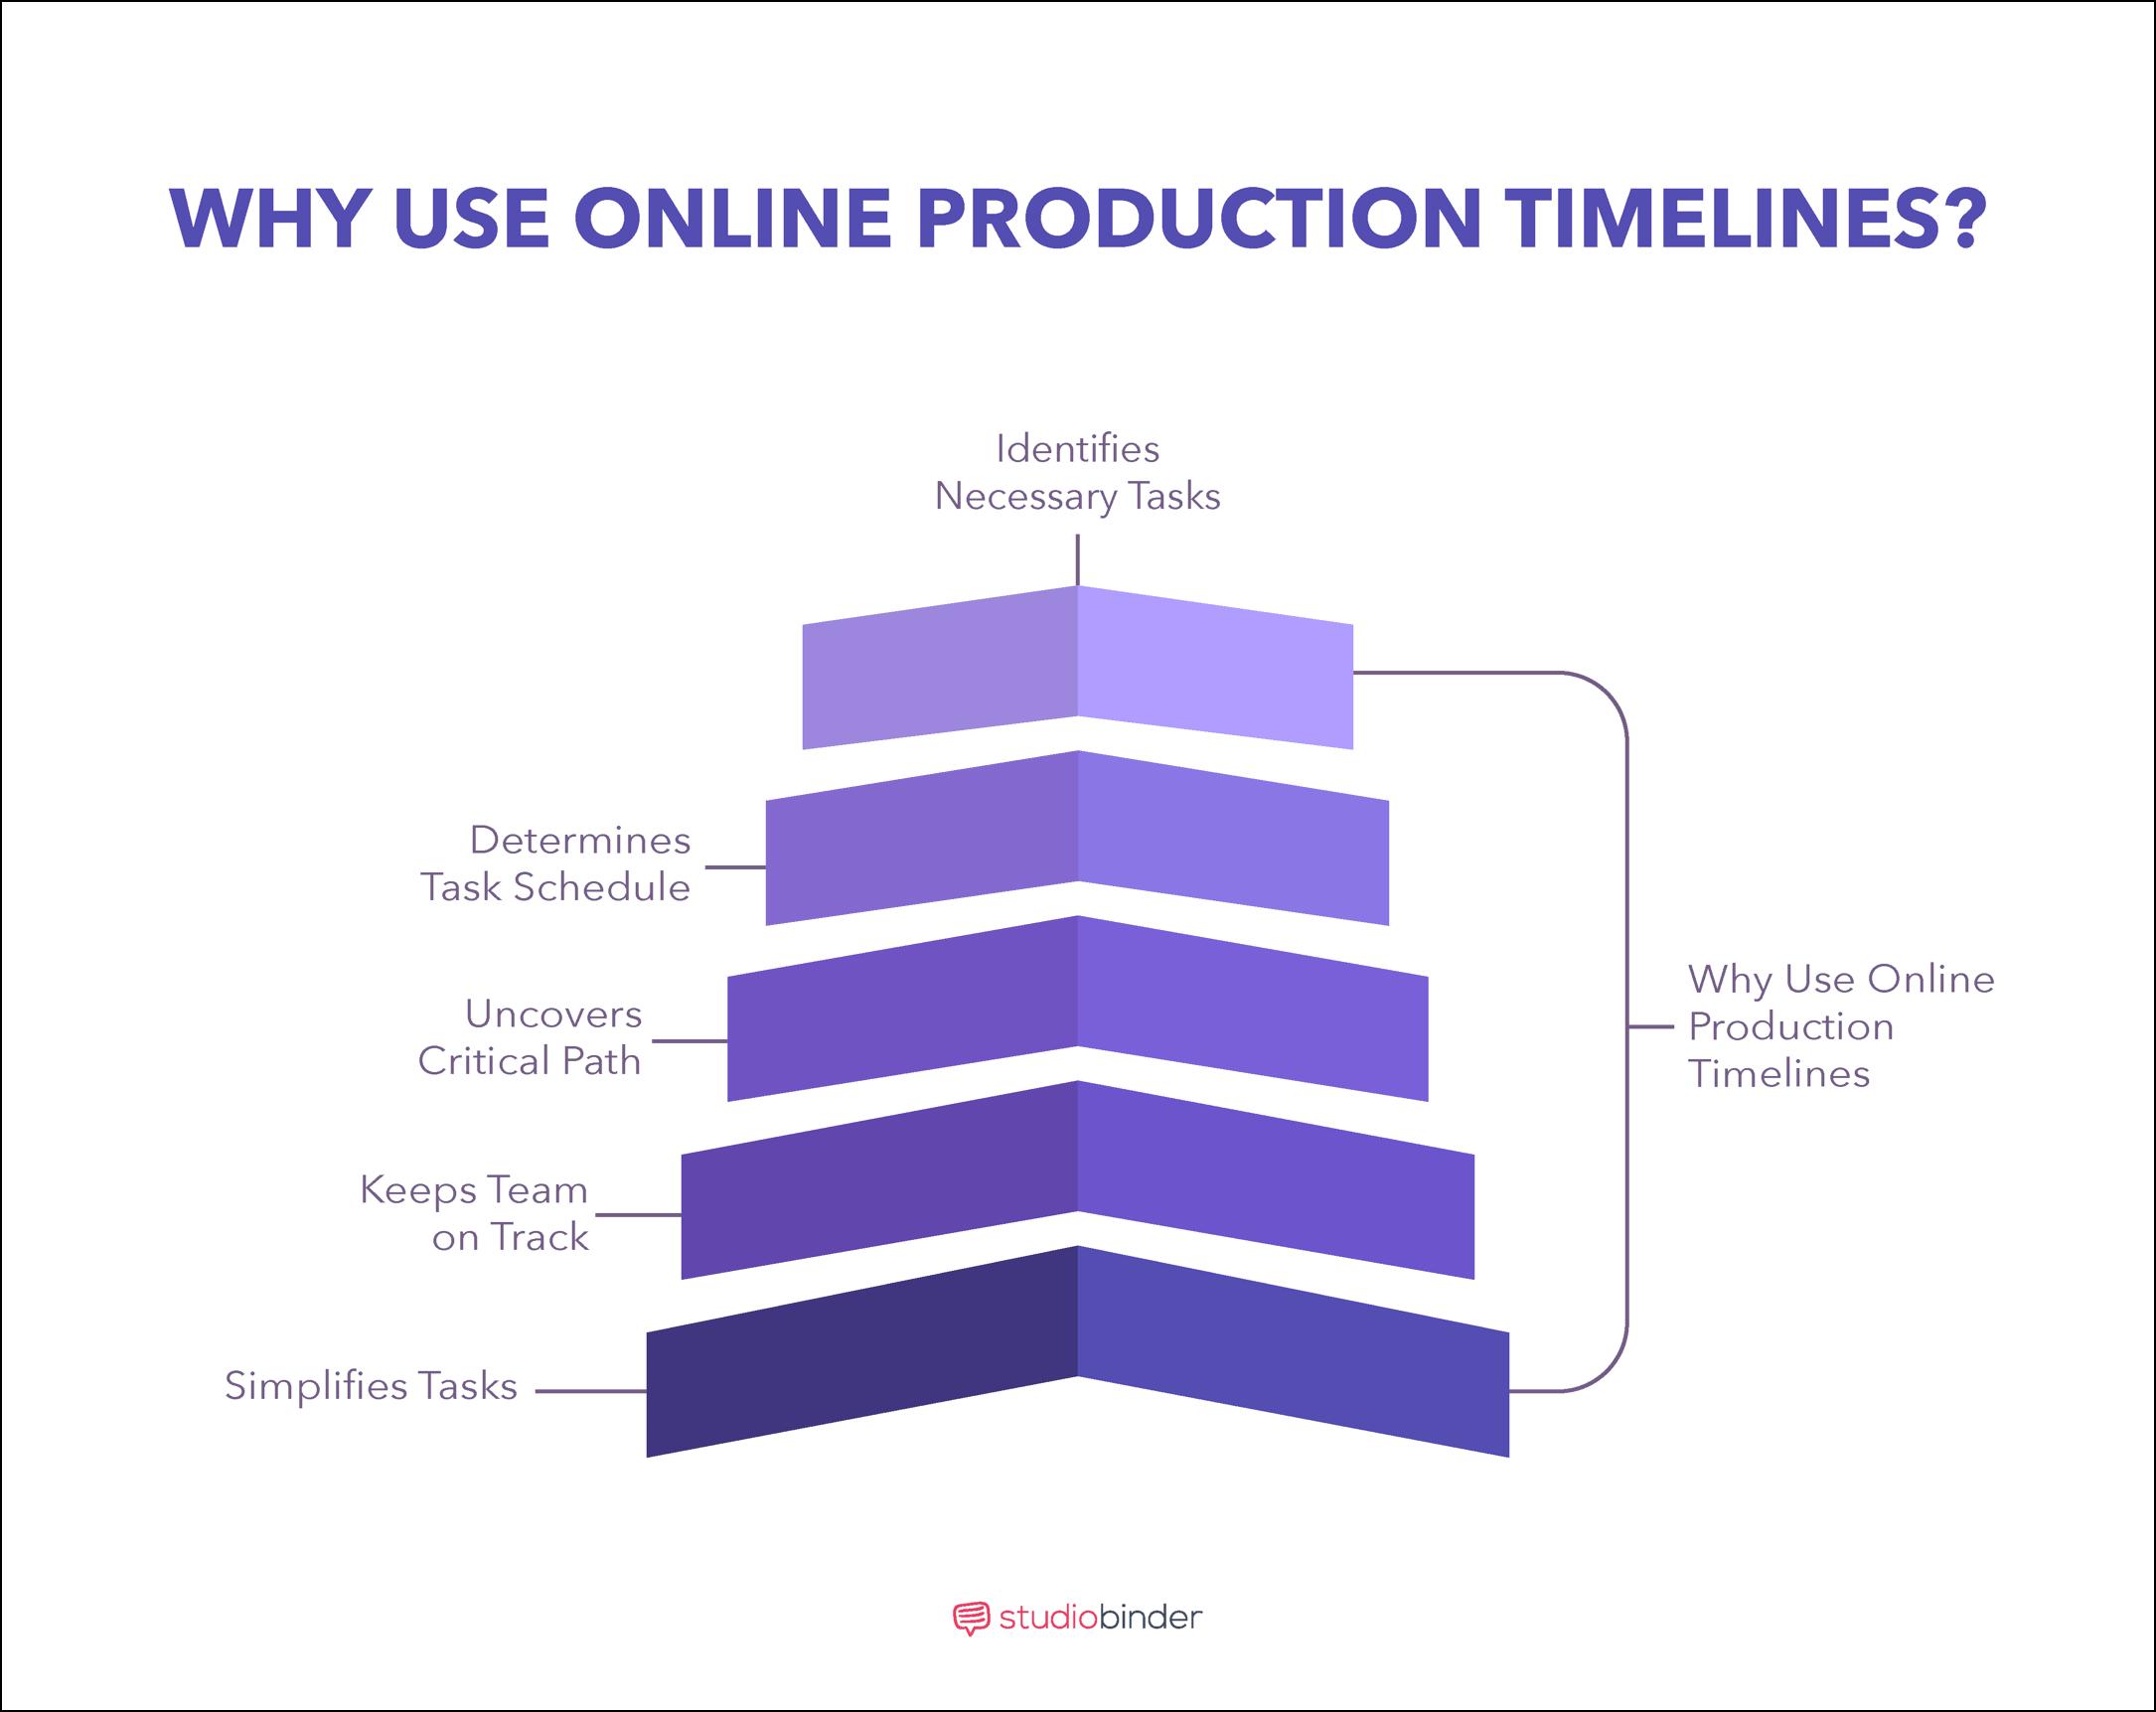 Film, Photo, & Video Production Timeline - Why Use Online Timeline - StudioBinder